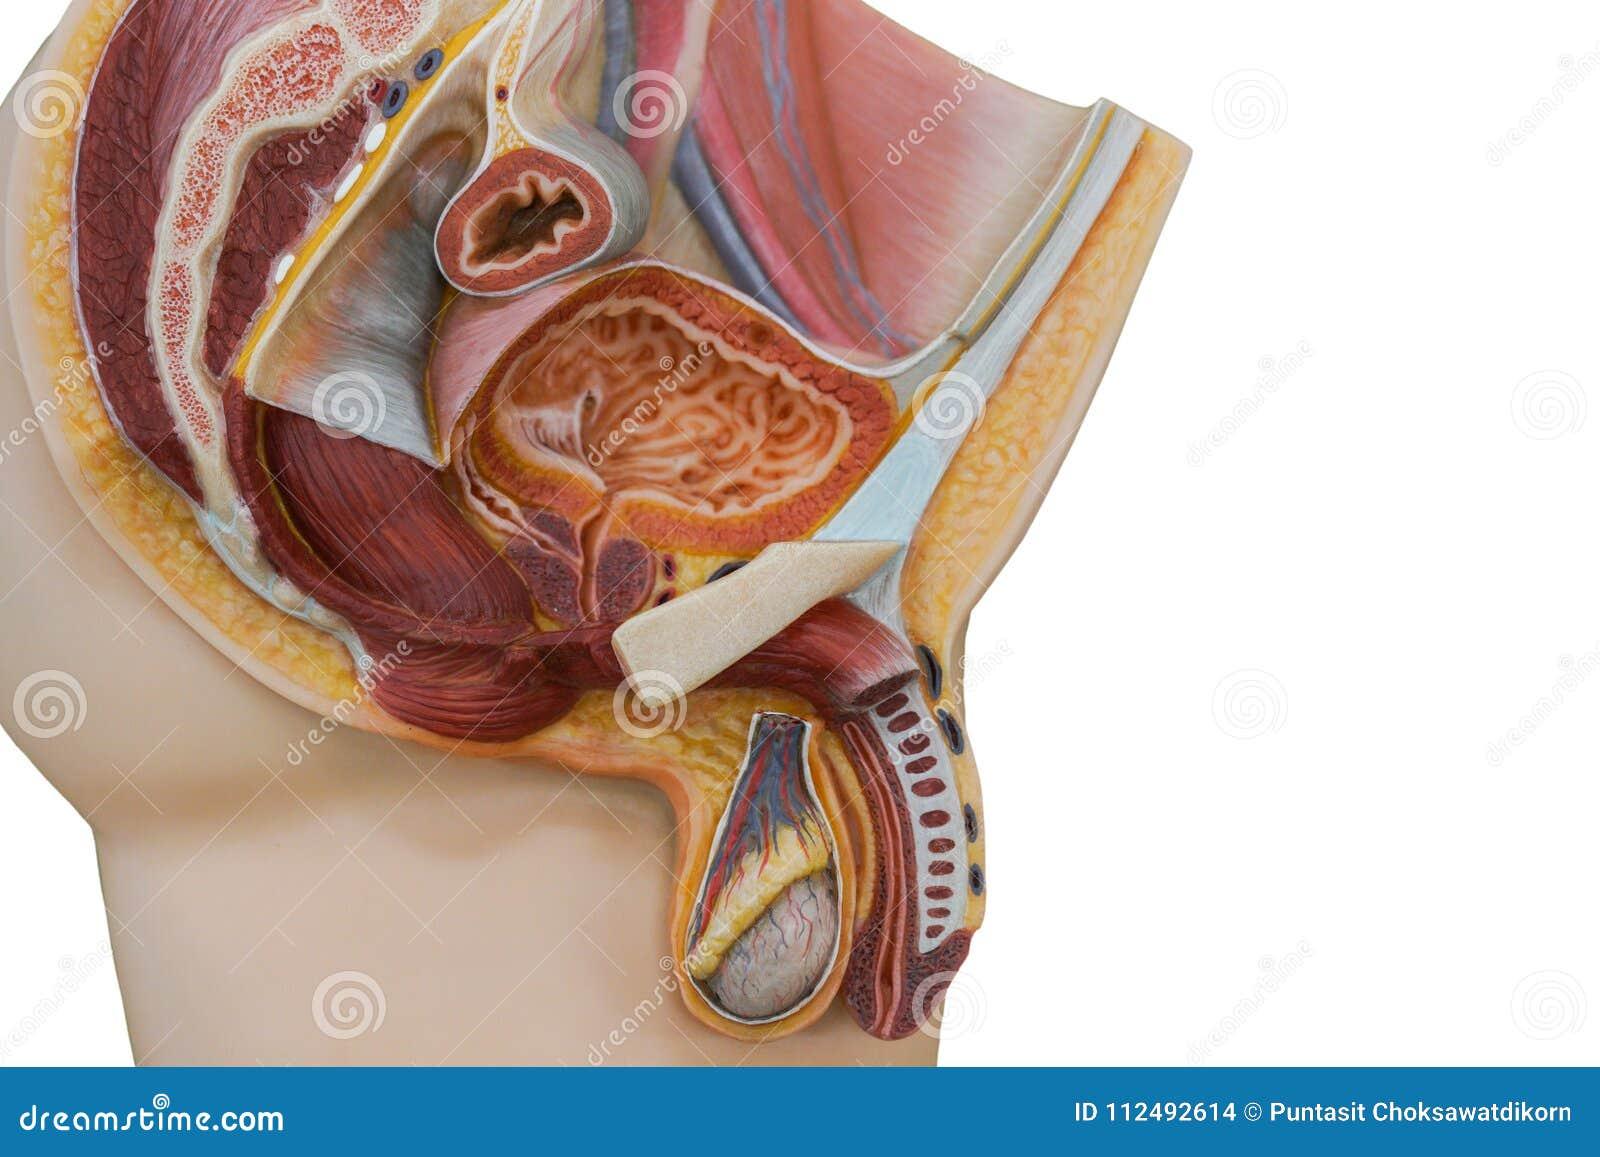 penisul masculin la microscop)